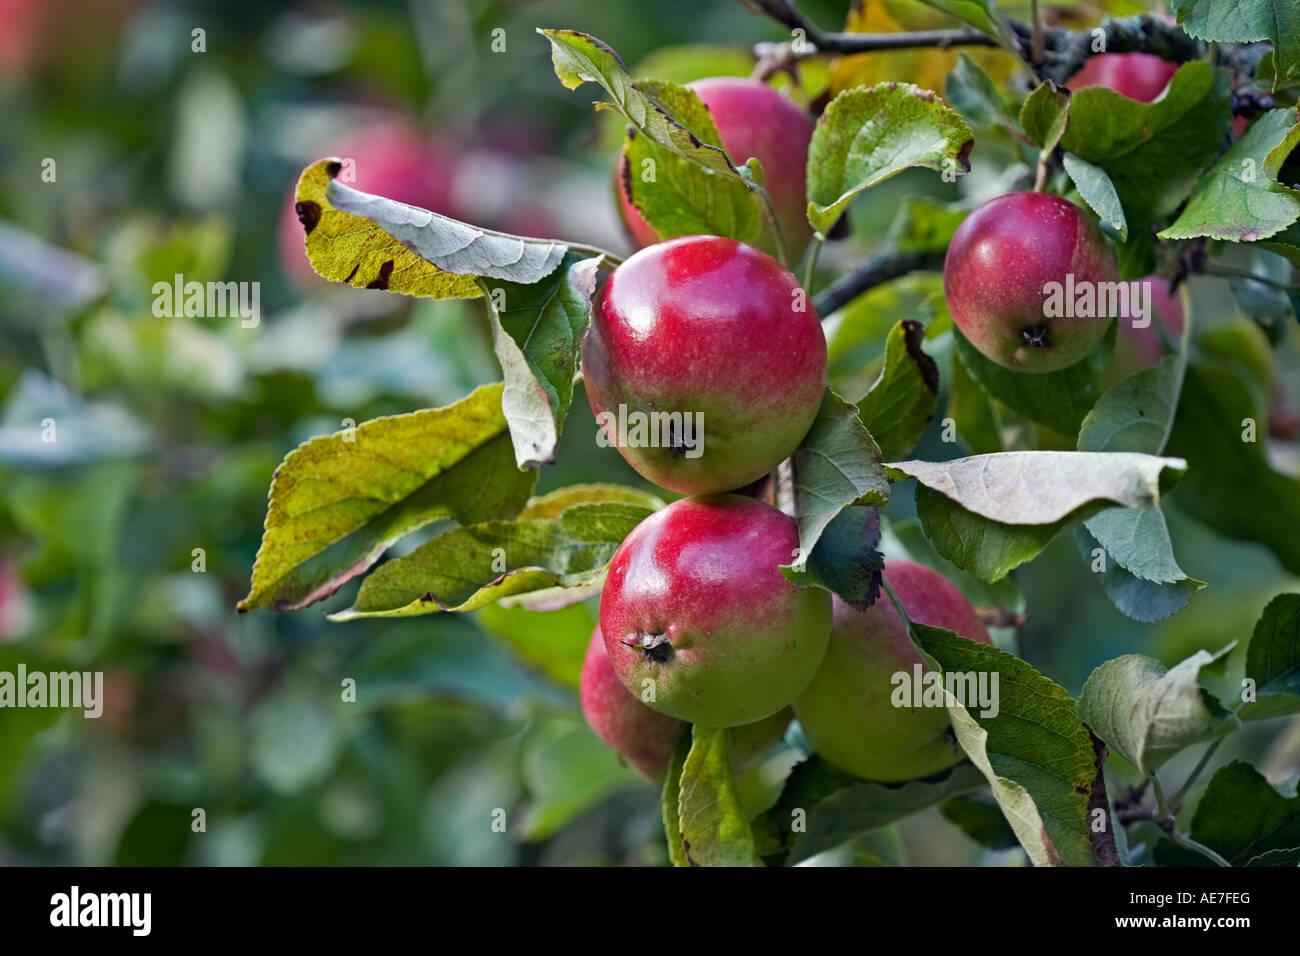 Mangiare le mele varietà 'scoperta' la maturazione sulla pianta in un frutteto in inglese Immagini Stock